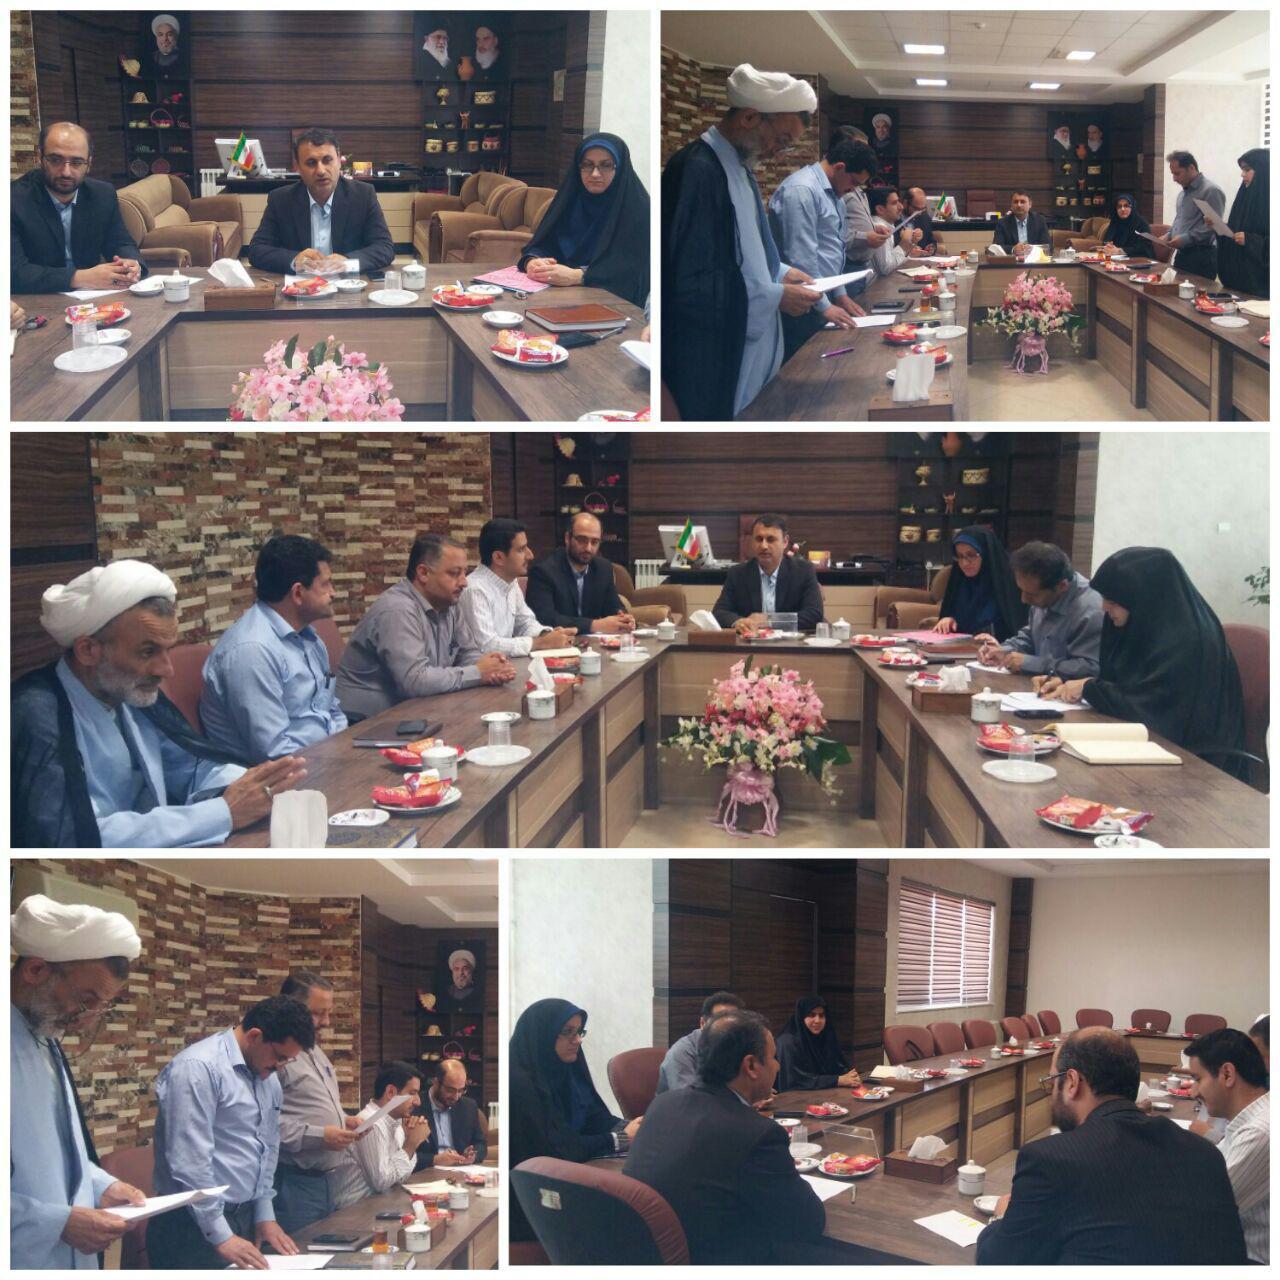 اعضای هیات رییسه شوراهای اسلامی سه شهر صومعه سرا ،گوراب زرمیخ و تولمشهر برگزار شد